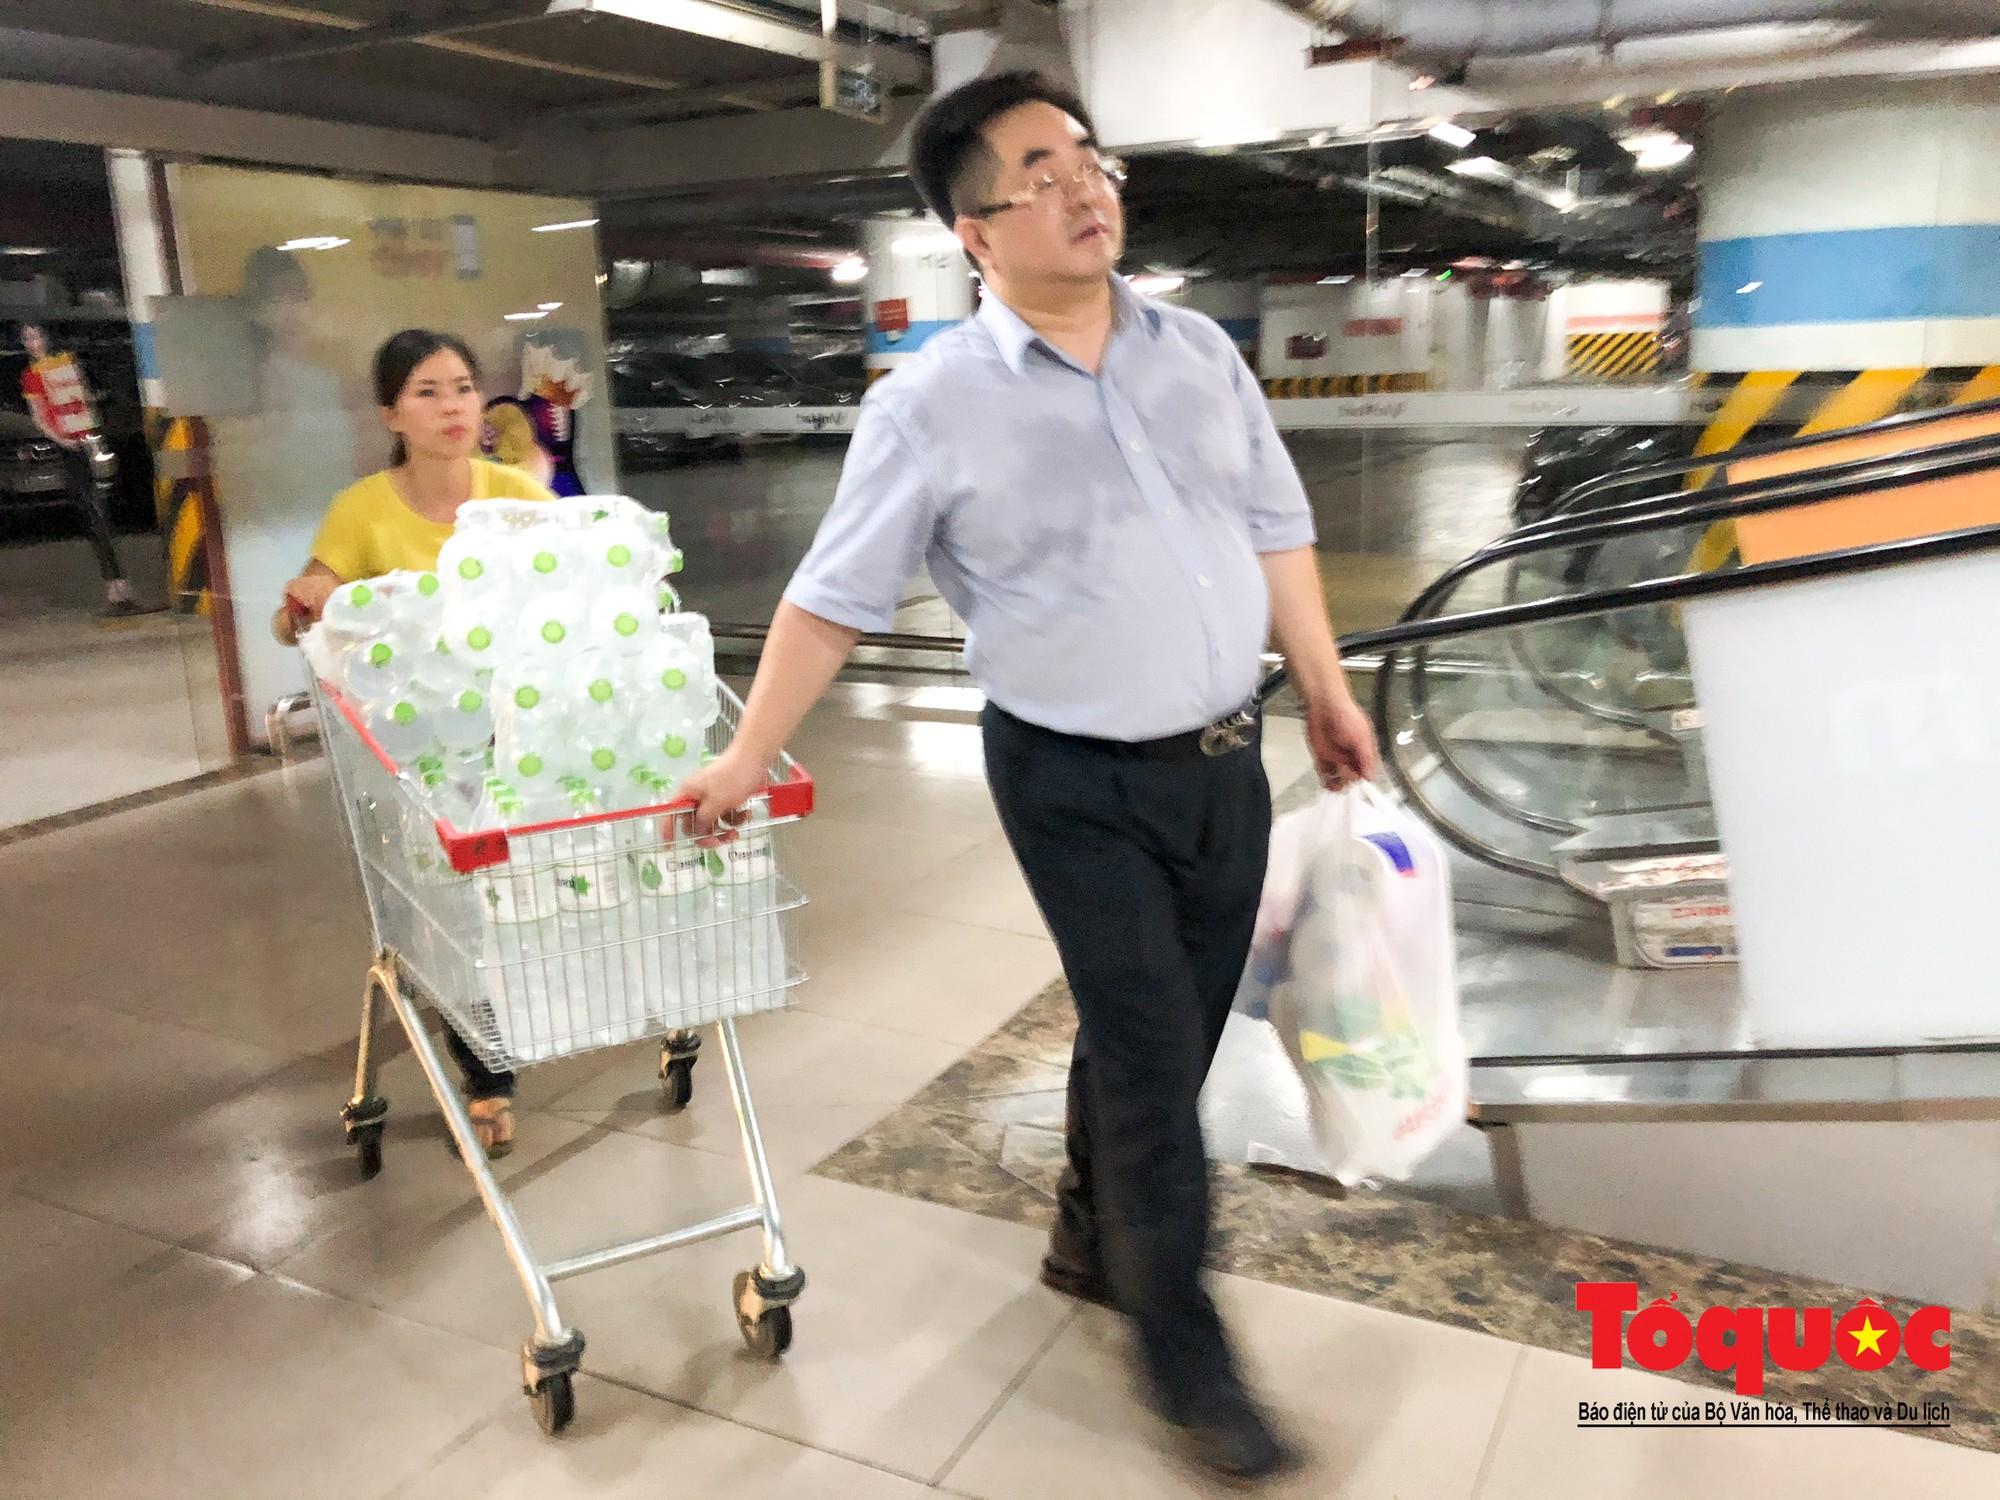 Sợ nước bẩn, người dân đổ xô đến các siêu thi mua nước đóng chai16